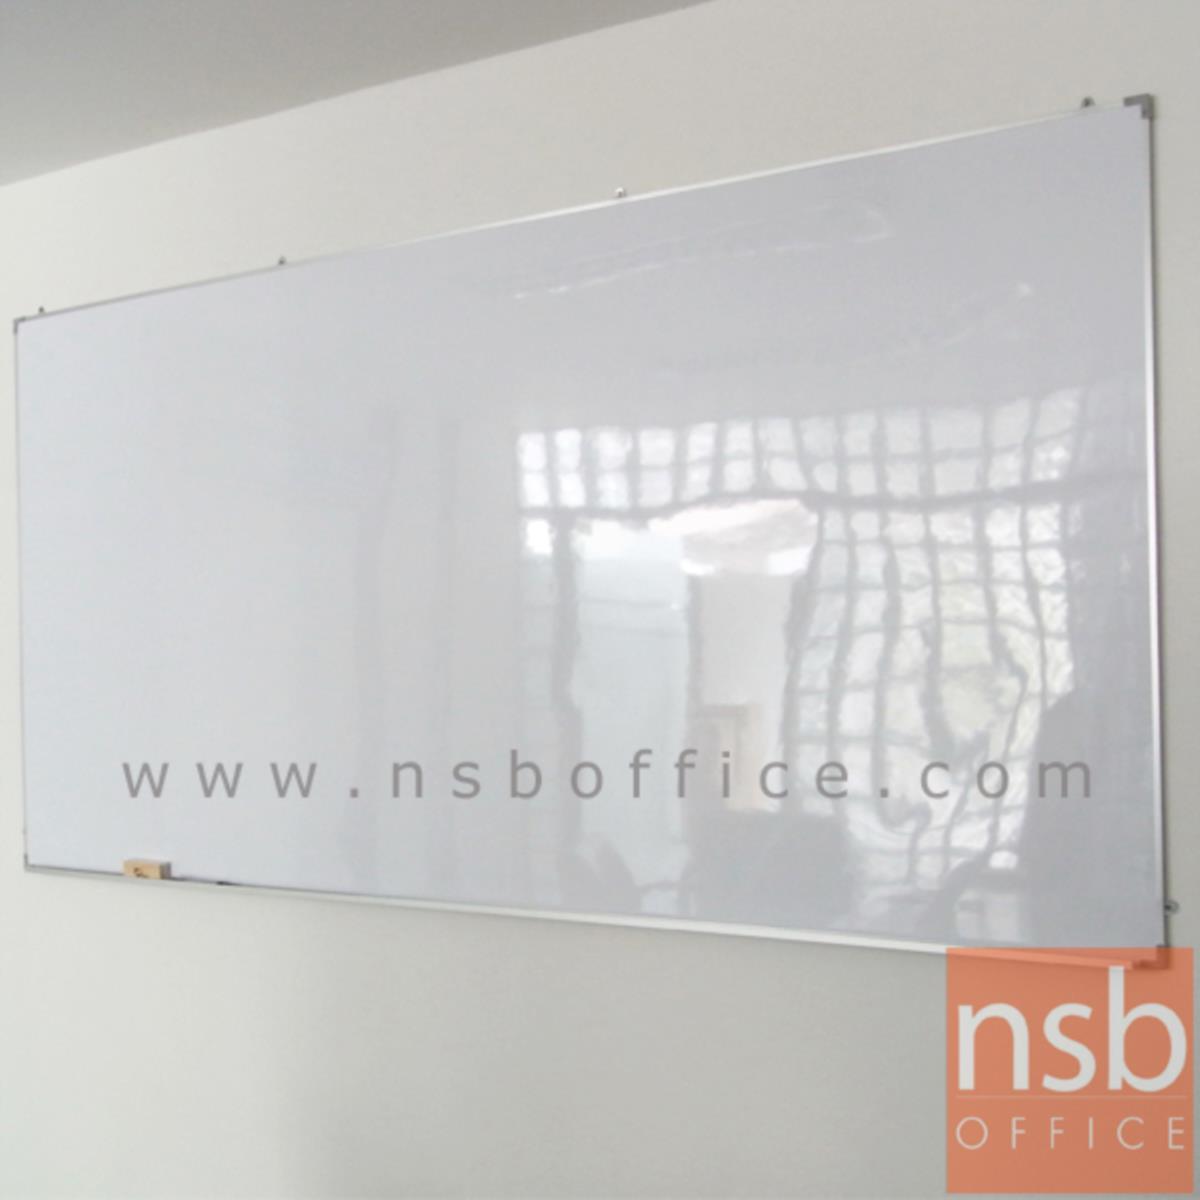 """G01A021:กระดานไวท์บอร์ด White board ขนาดใหญ่   ขอบอลูมิเนียมขนาด  1"""" * 1/2"""" นิ้ว (พร้อมงานติดตั้งบนผนัง)"""